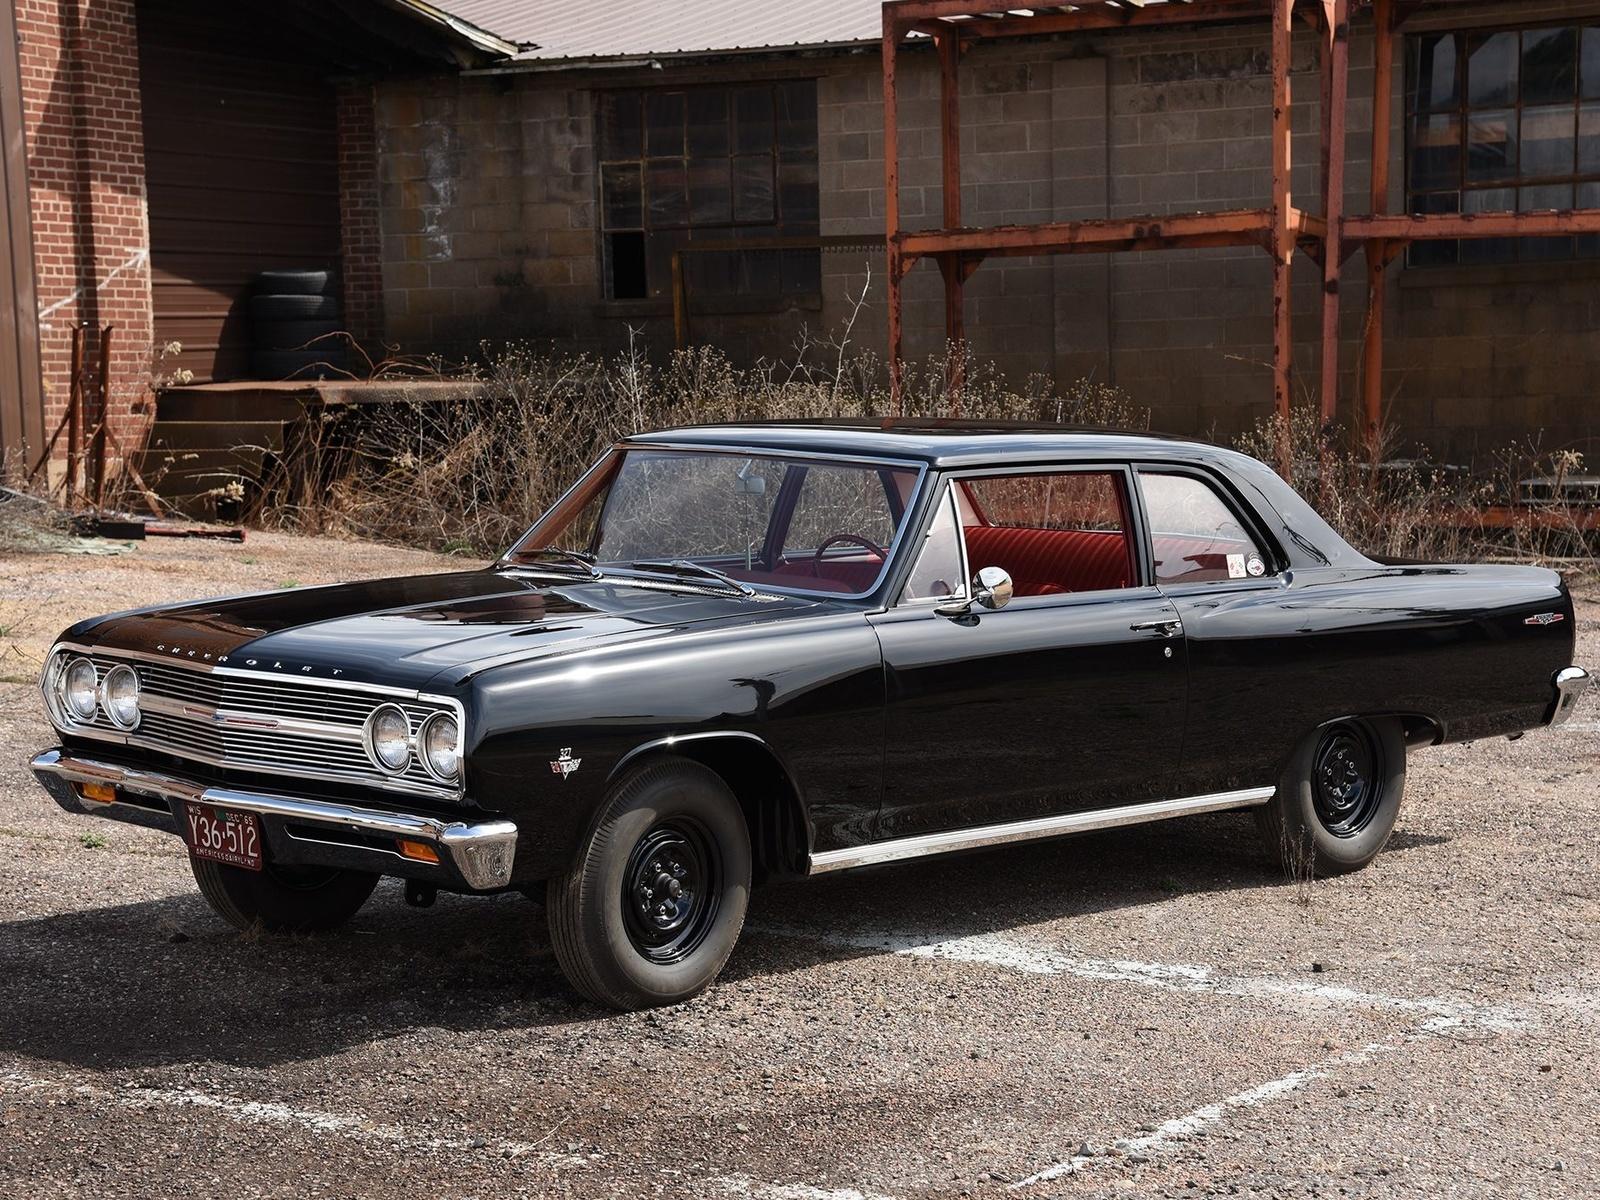 chevrolet, chevelle, 1965, парковка